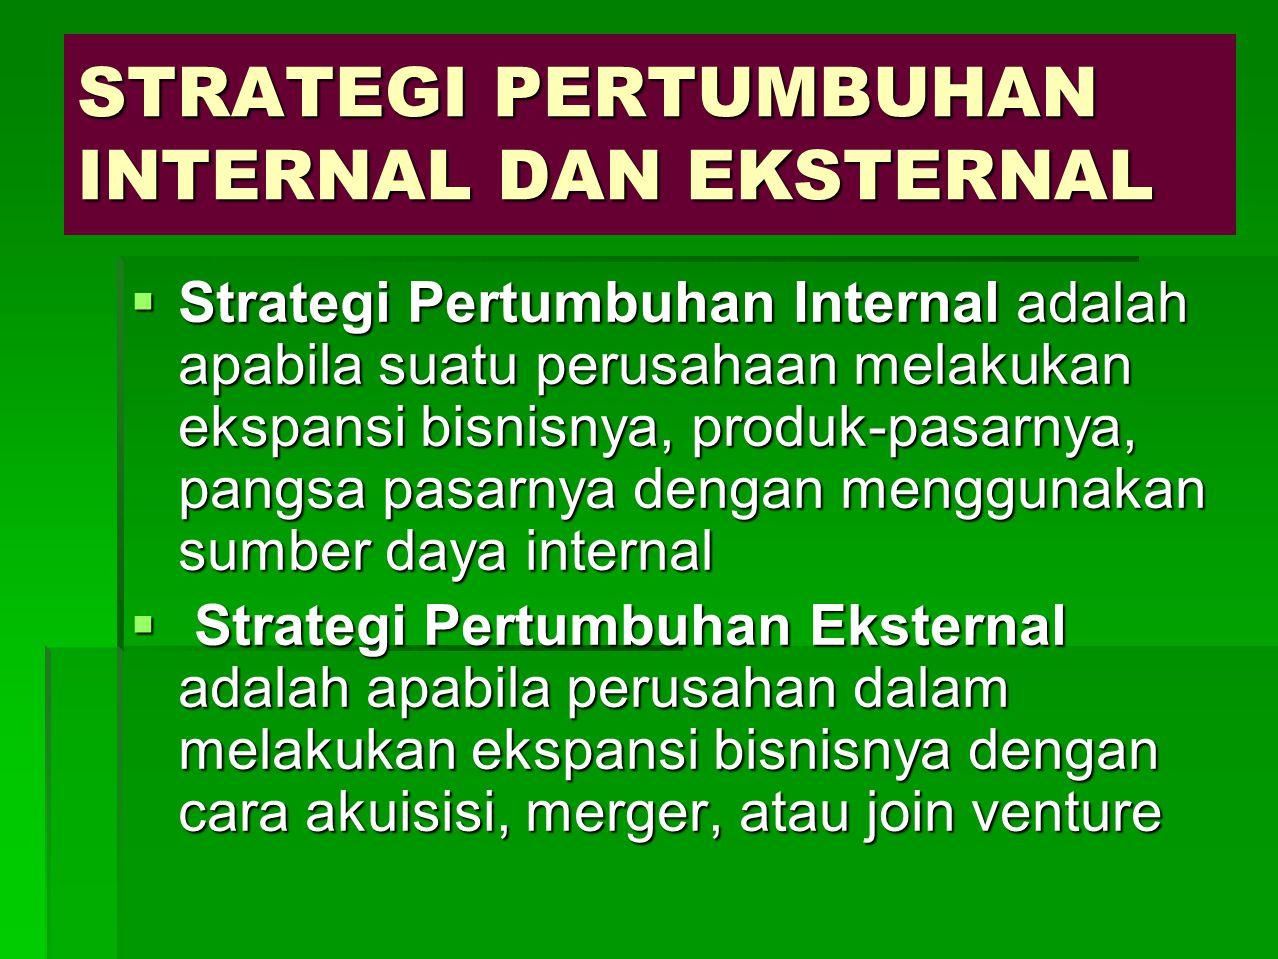 STRATEGI STABILITAS Adalah strategi organisasi yang tetap melanjutkan pekerjaan atau aktivitas yang sama dengan sebelumnya, asumsinya bahwa lingkungan eksternal tidak akan mengalami perubahan yang signifikan pada jangka pendek.